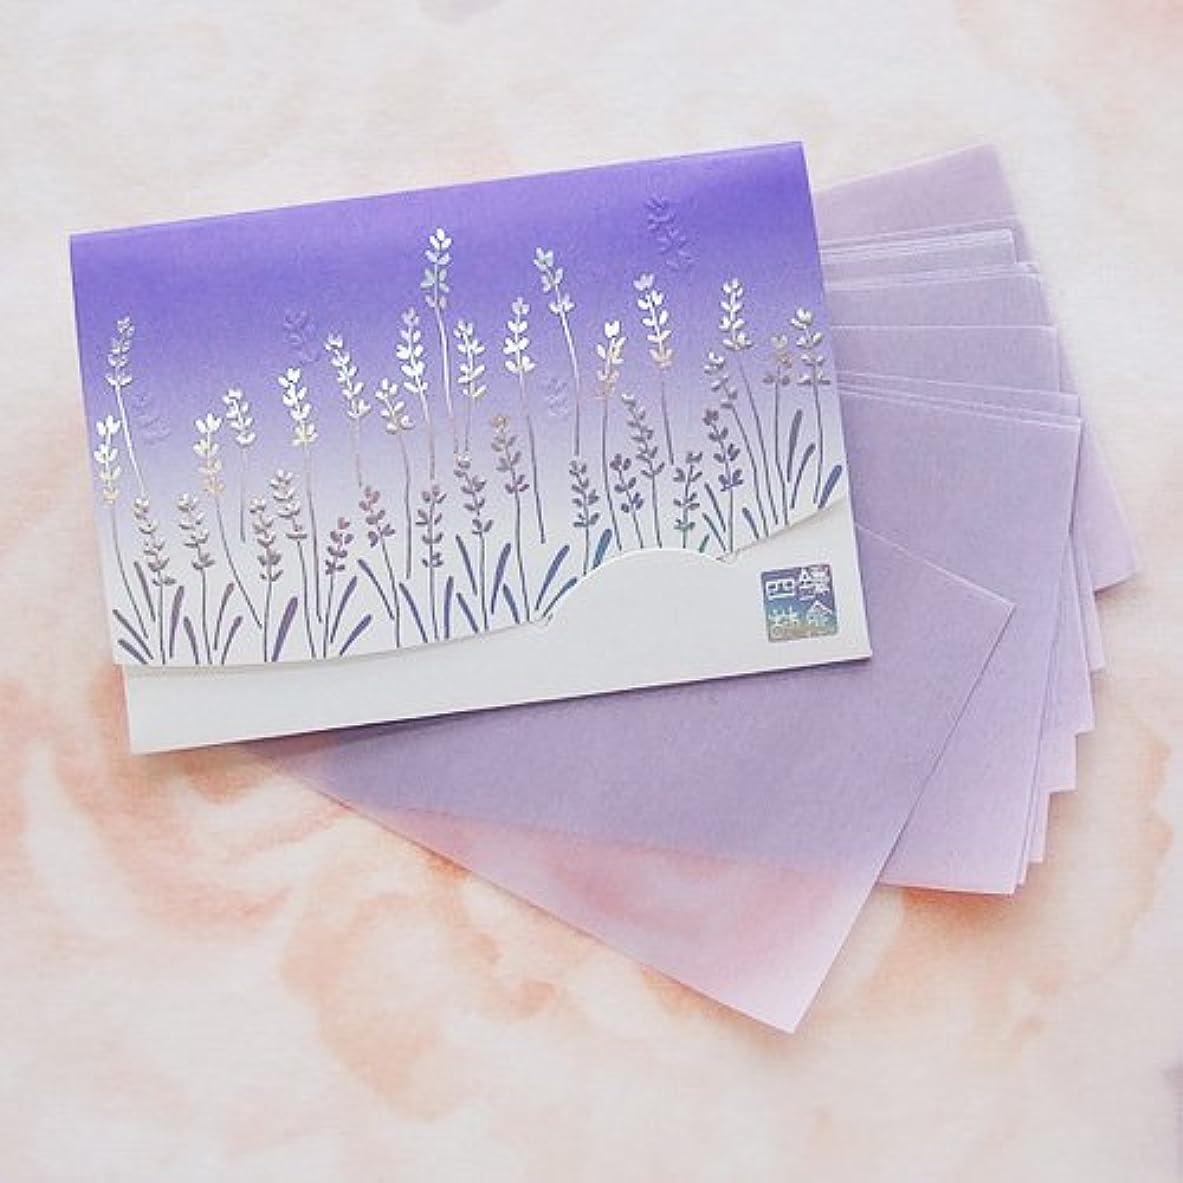 船評価する平均鎌倉四葩のあぶらとり紙 きらめき香りラベンダー 短冊サイズ 20枚入